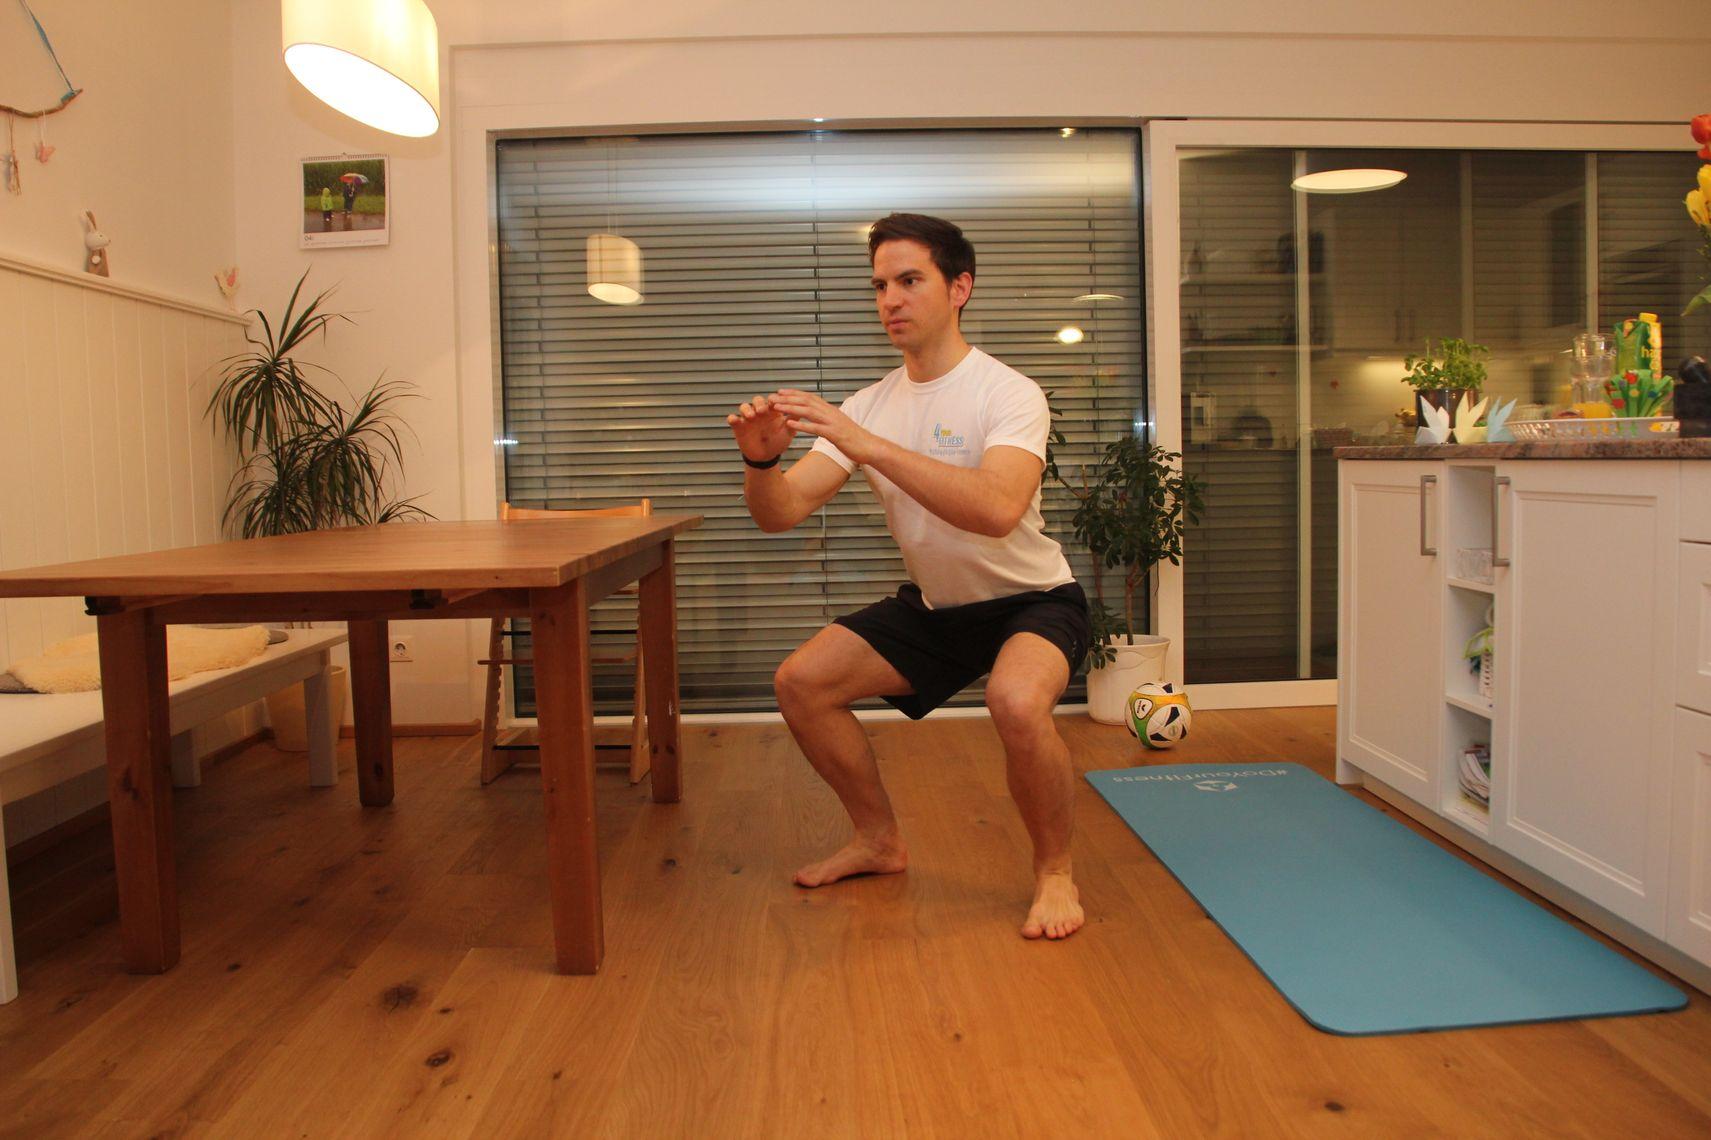 4 fitness bungen f r zuhause die jeder kennen und machen. Black Bedroom Furniture Sets. Home Design Ideas